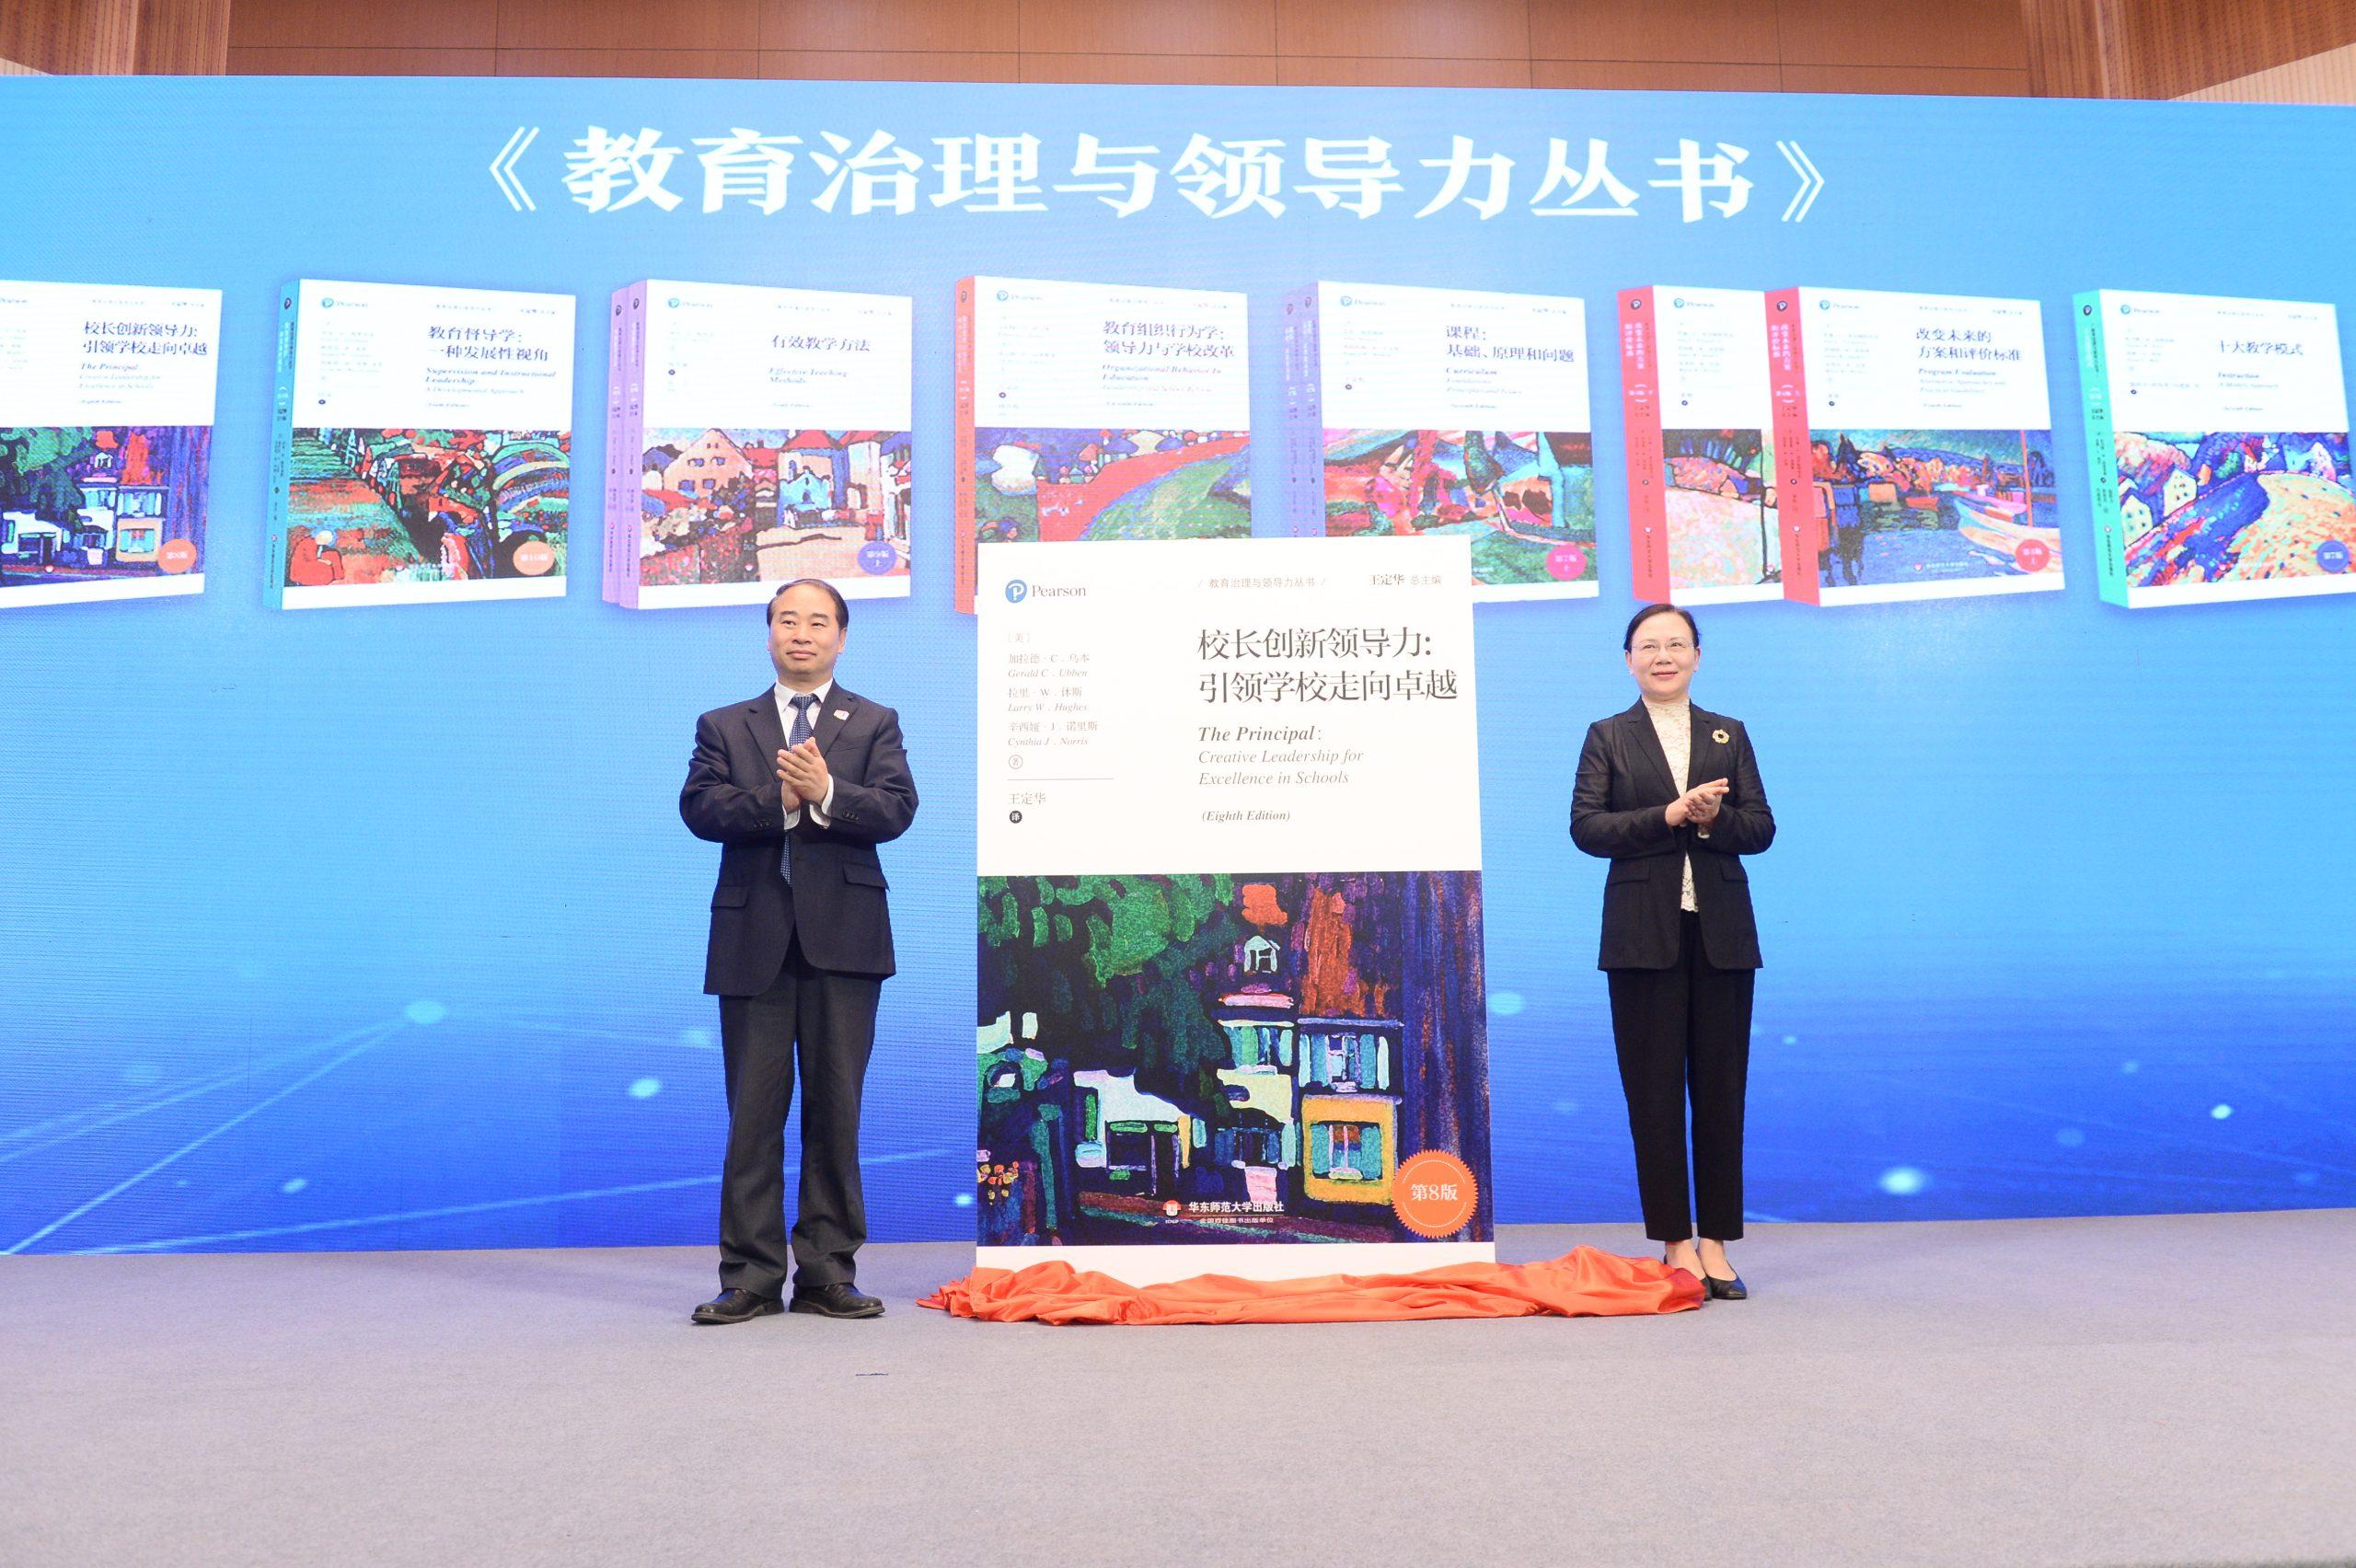 聚焦教育治理体系建设 推进中国教育现代化进程  ——《教育治理与领导力丛书》新书发布会隆重举行